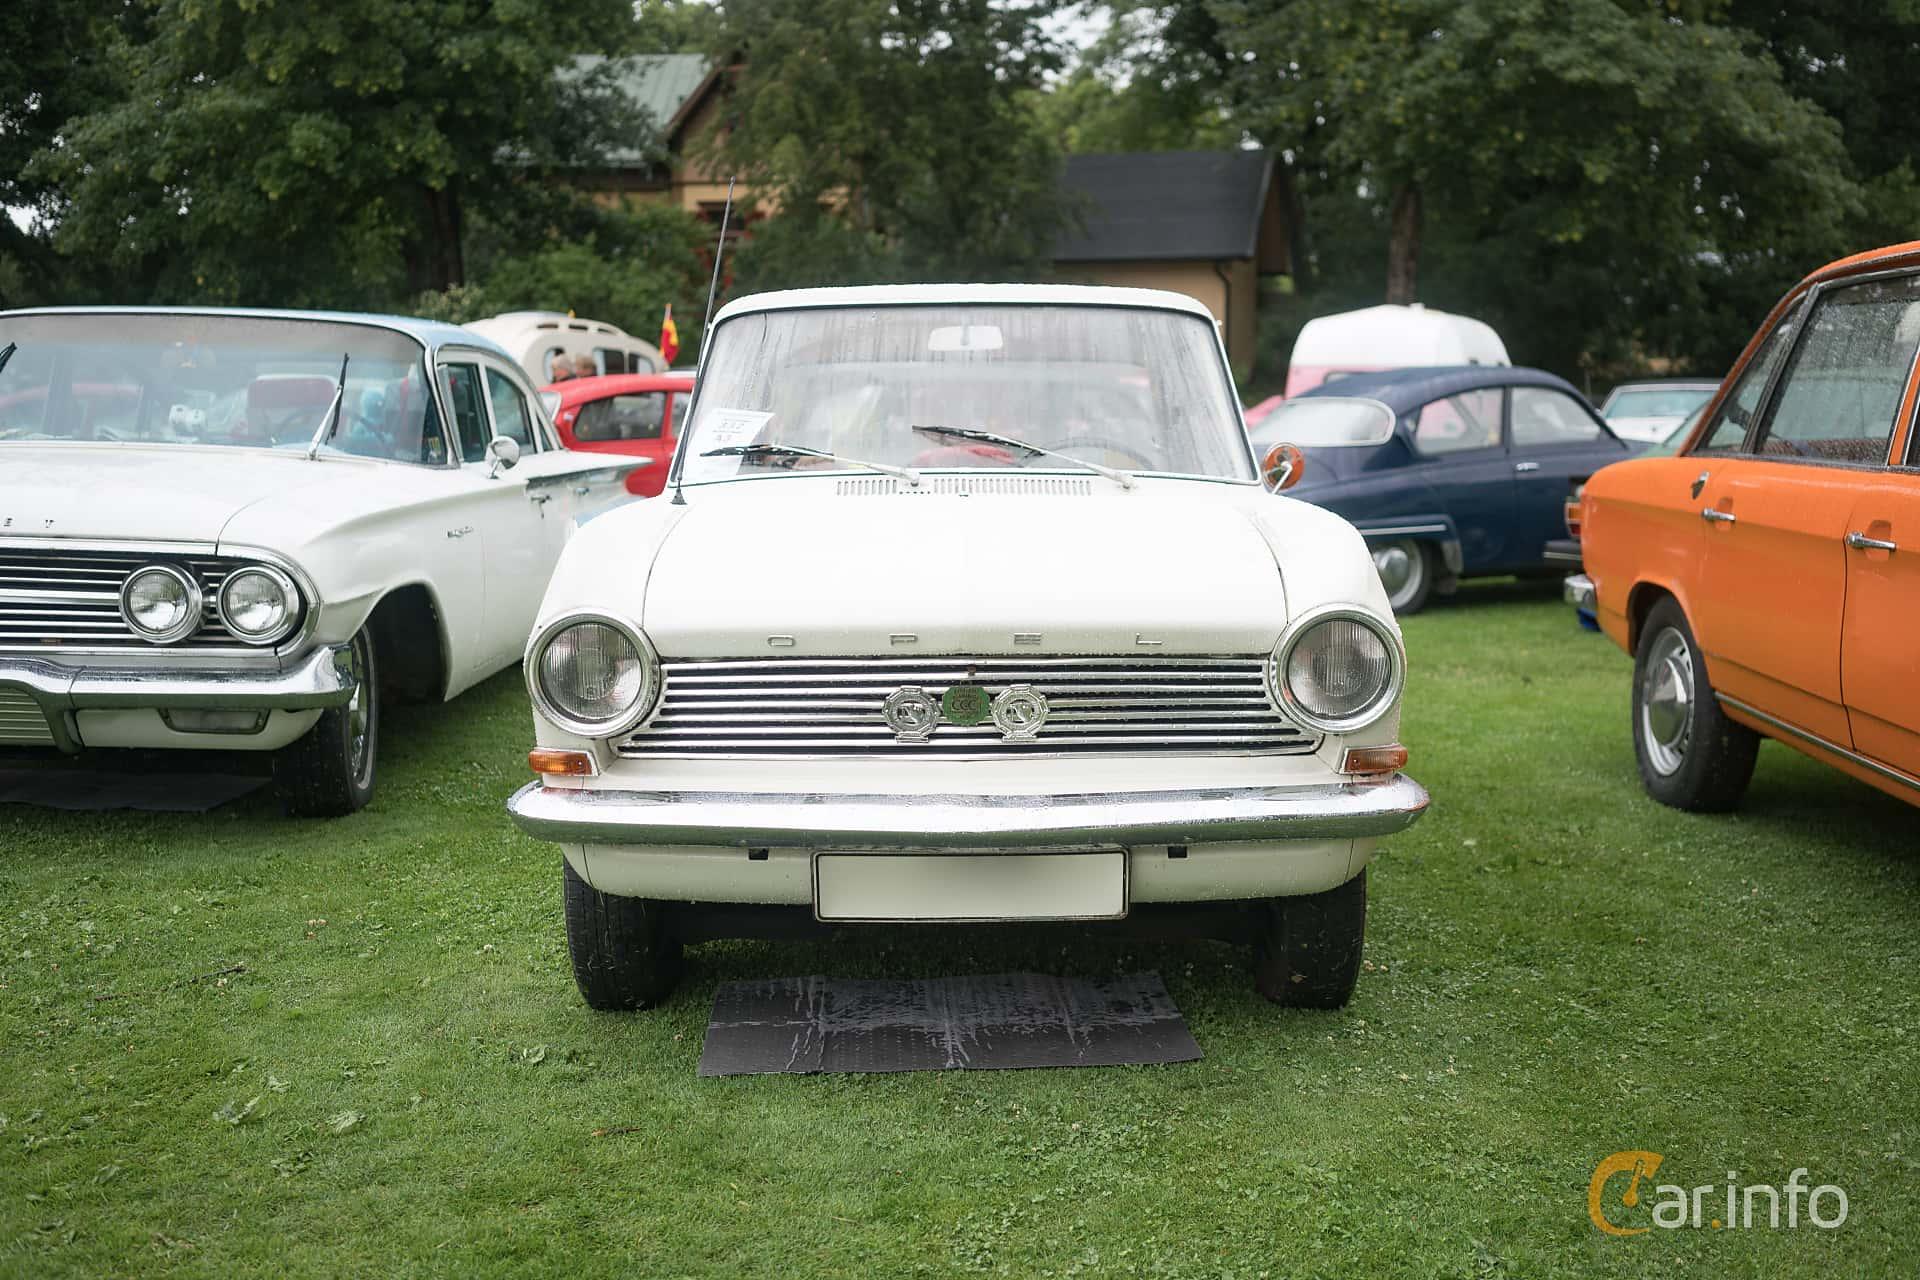 Opel Kadett 1000 S Limousine 1.0 Manual, 48hp, 1964 at Ronneby Nostalgia Festival 2017